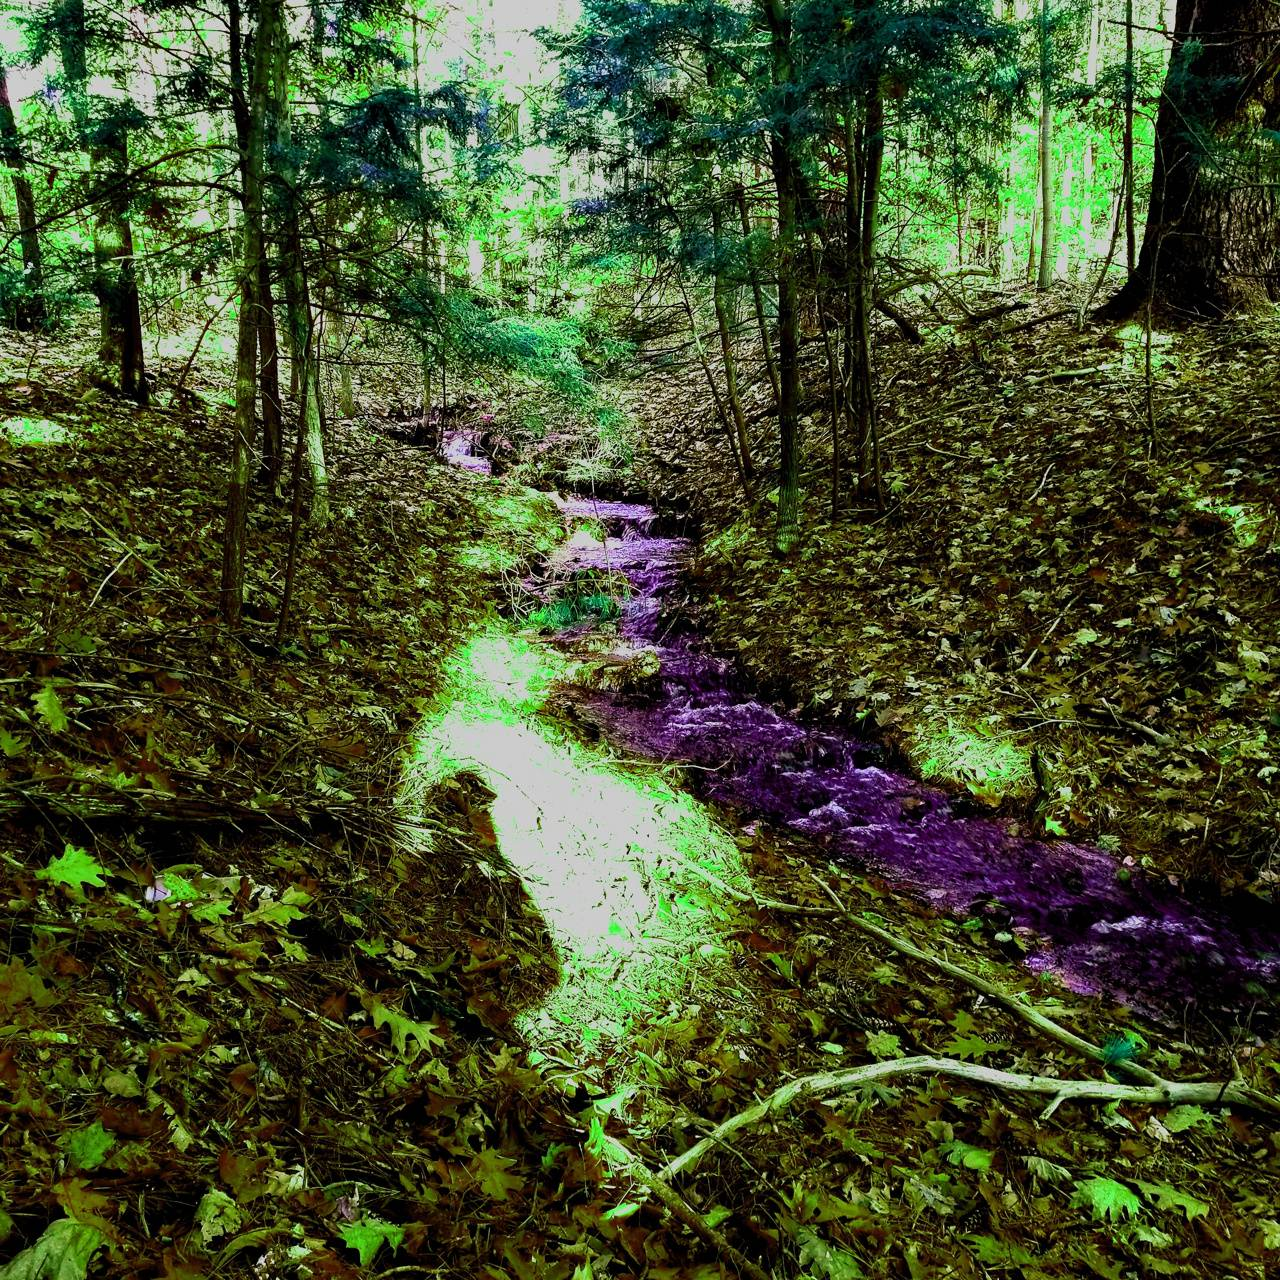 River of magic